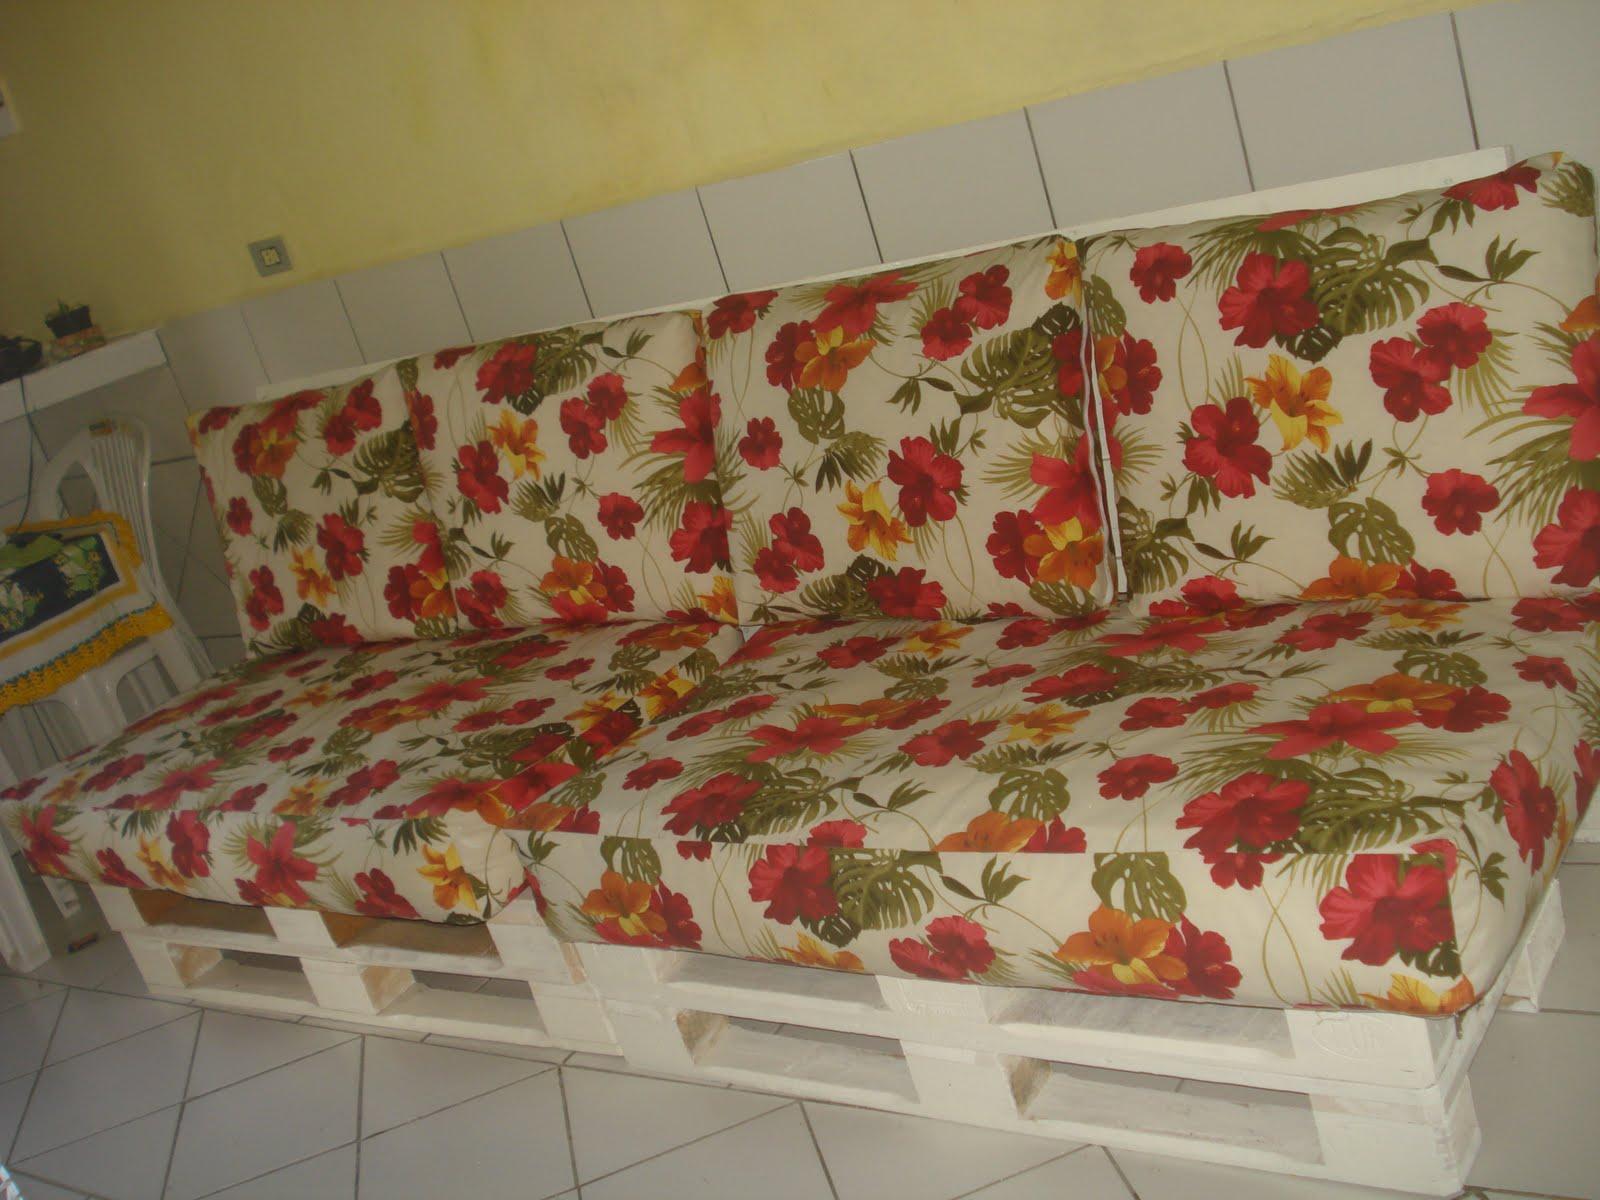 Precios Sofas Ta Quatro Sofa Set Furniture Reviews Uai Passa Lá Em Casa Ideias Pro Meu Sofá De Palete